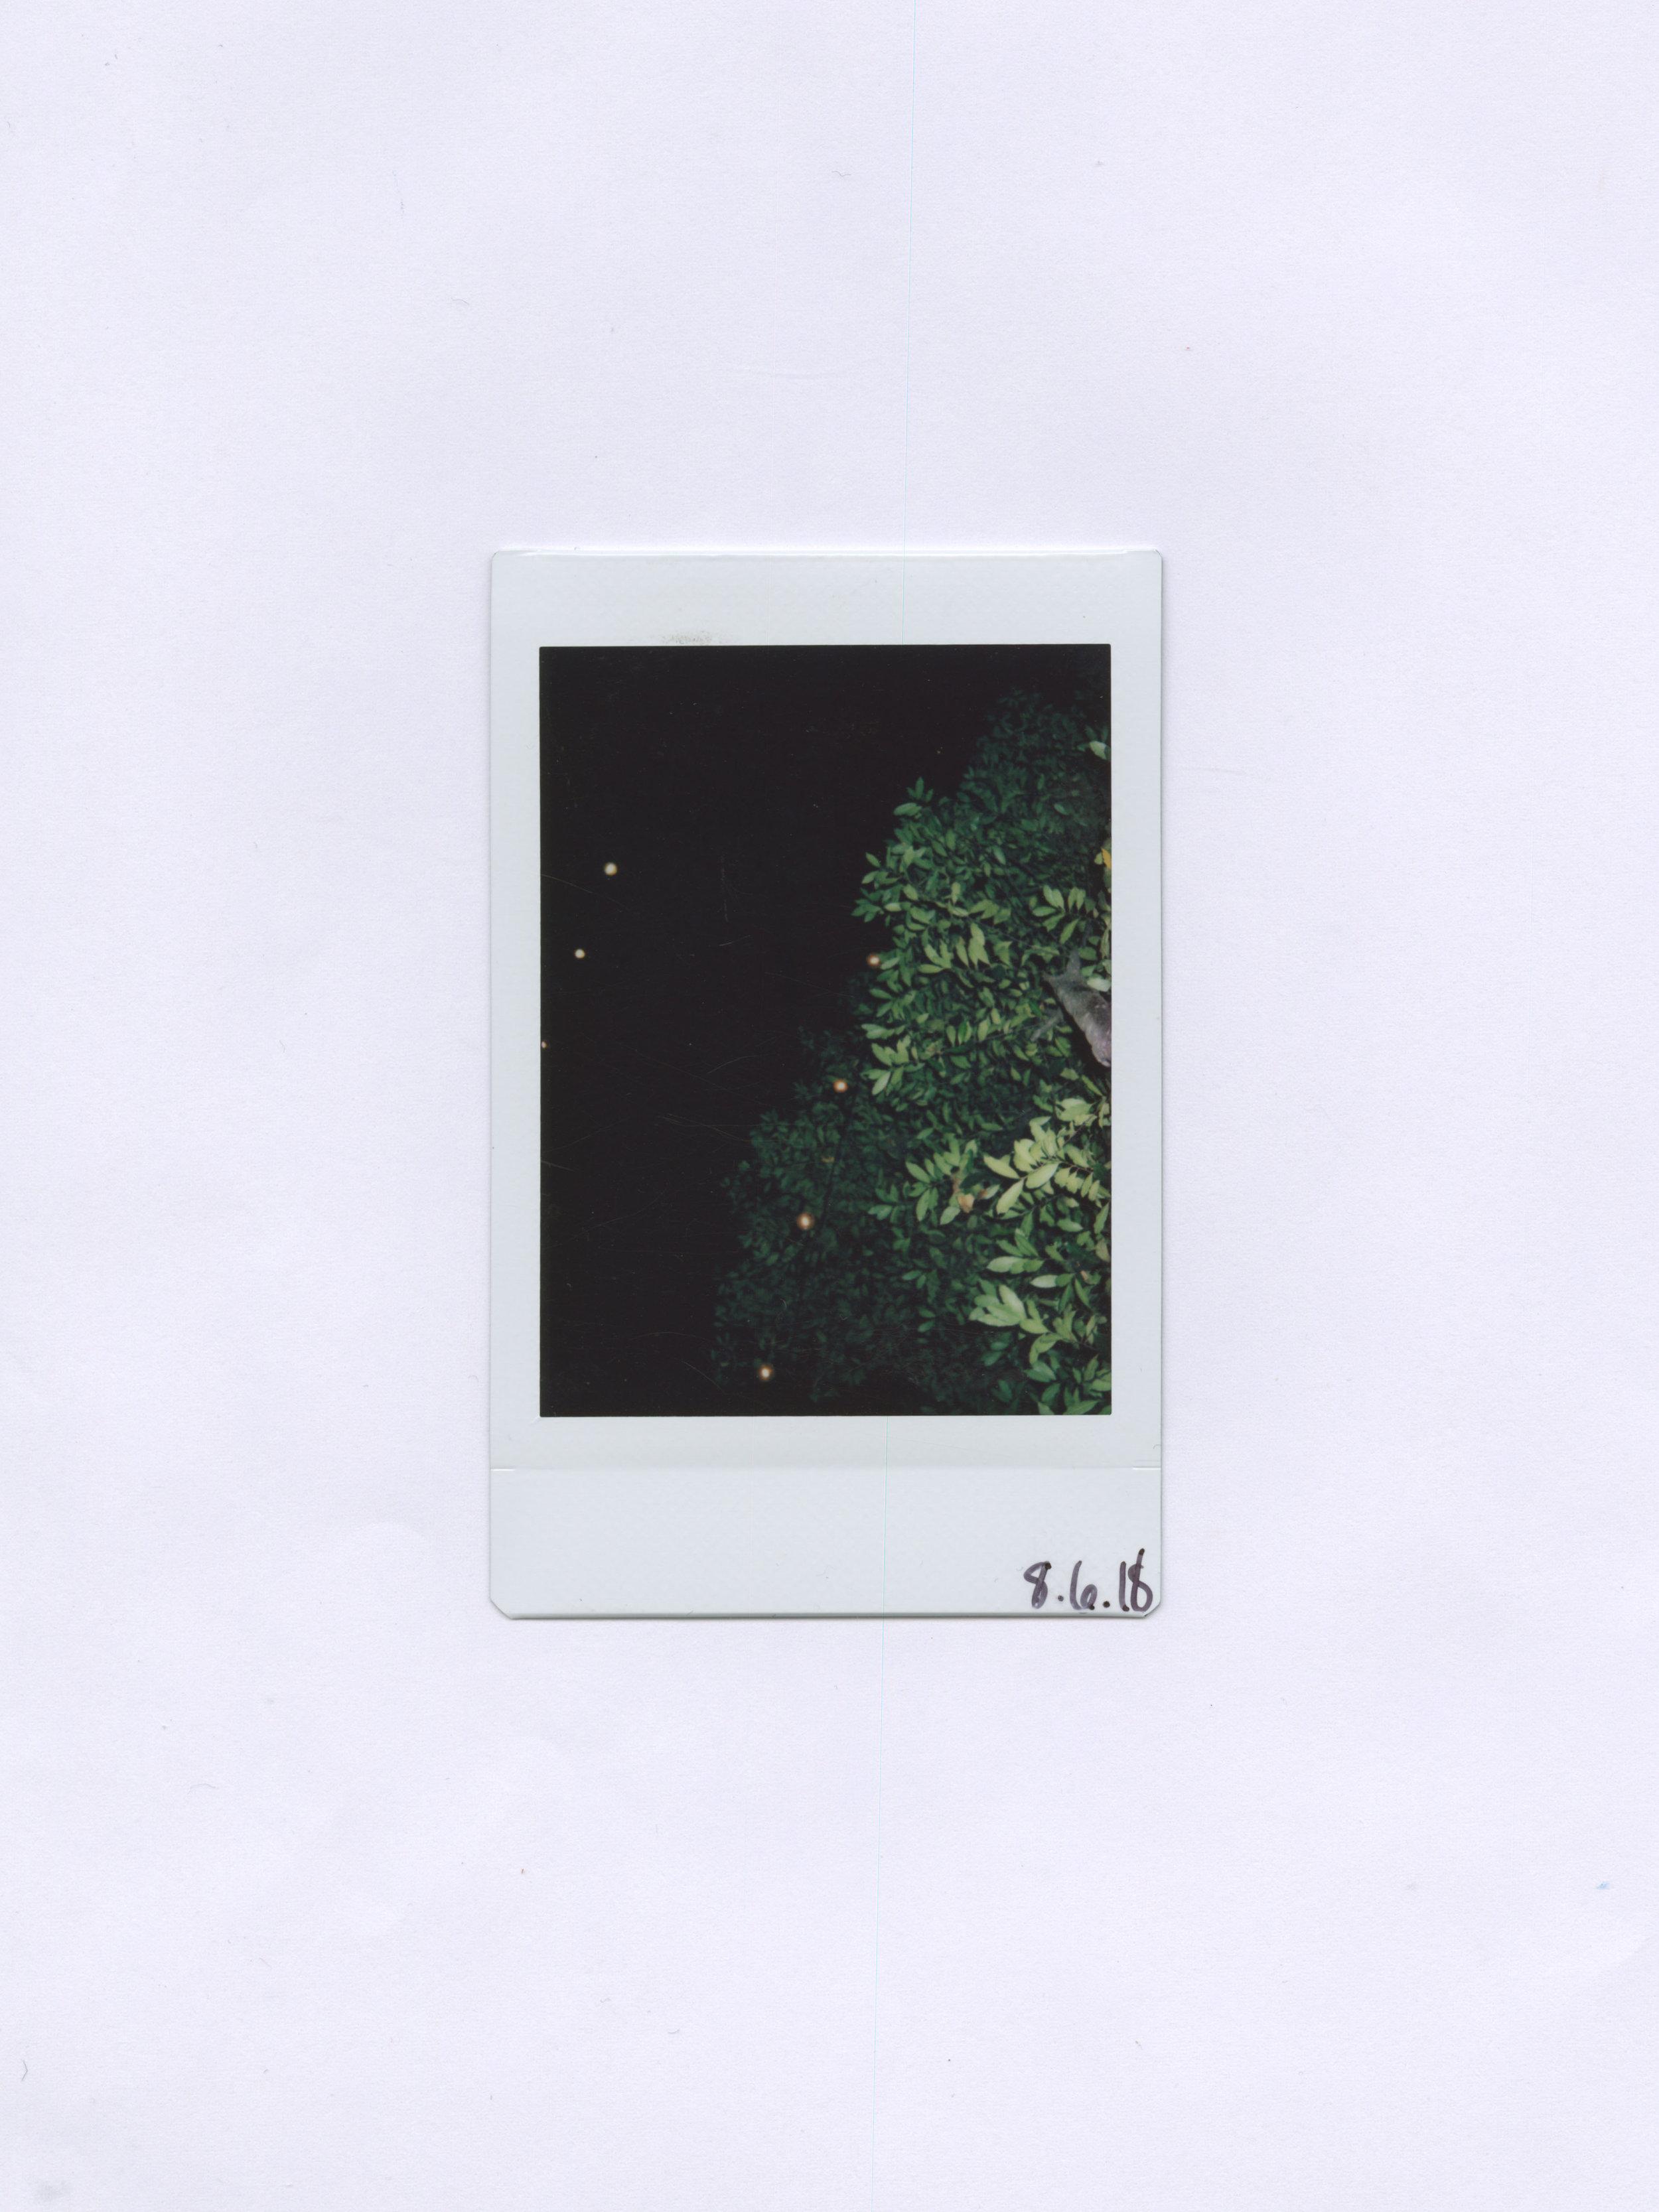 8.6.18.jpg